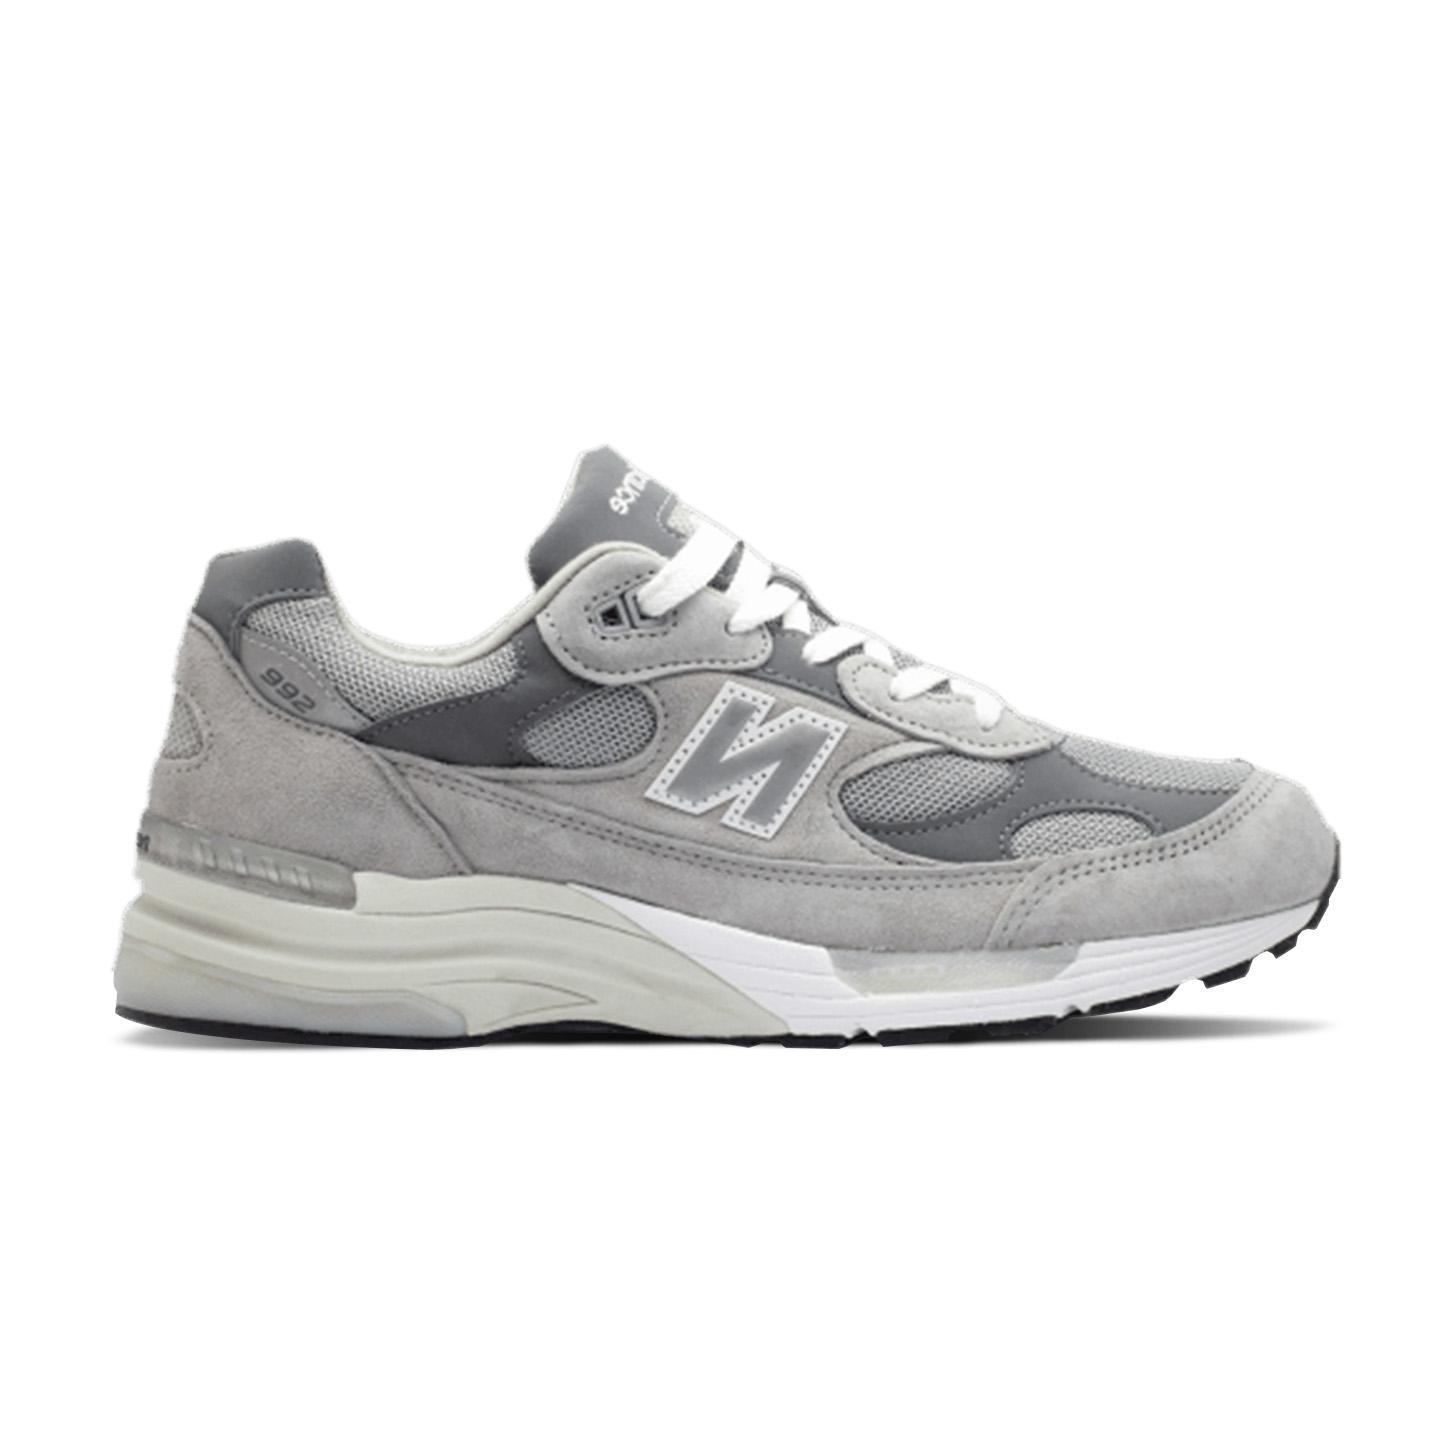 992-Grey